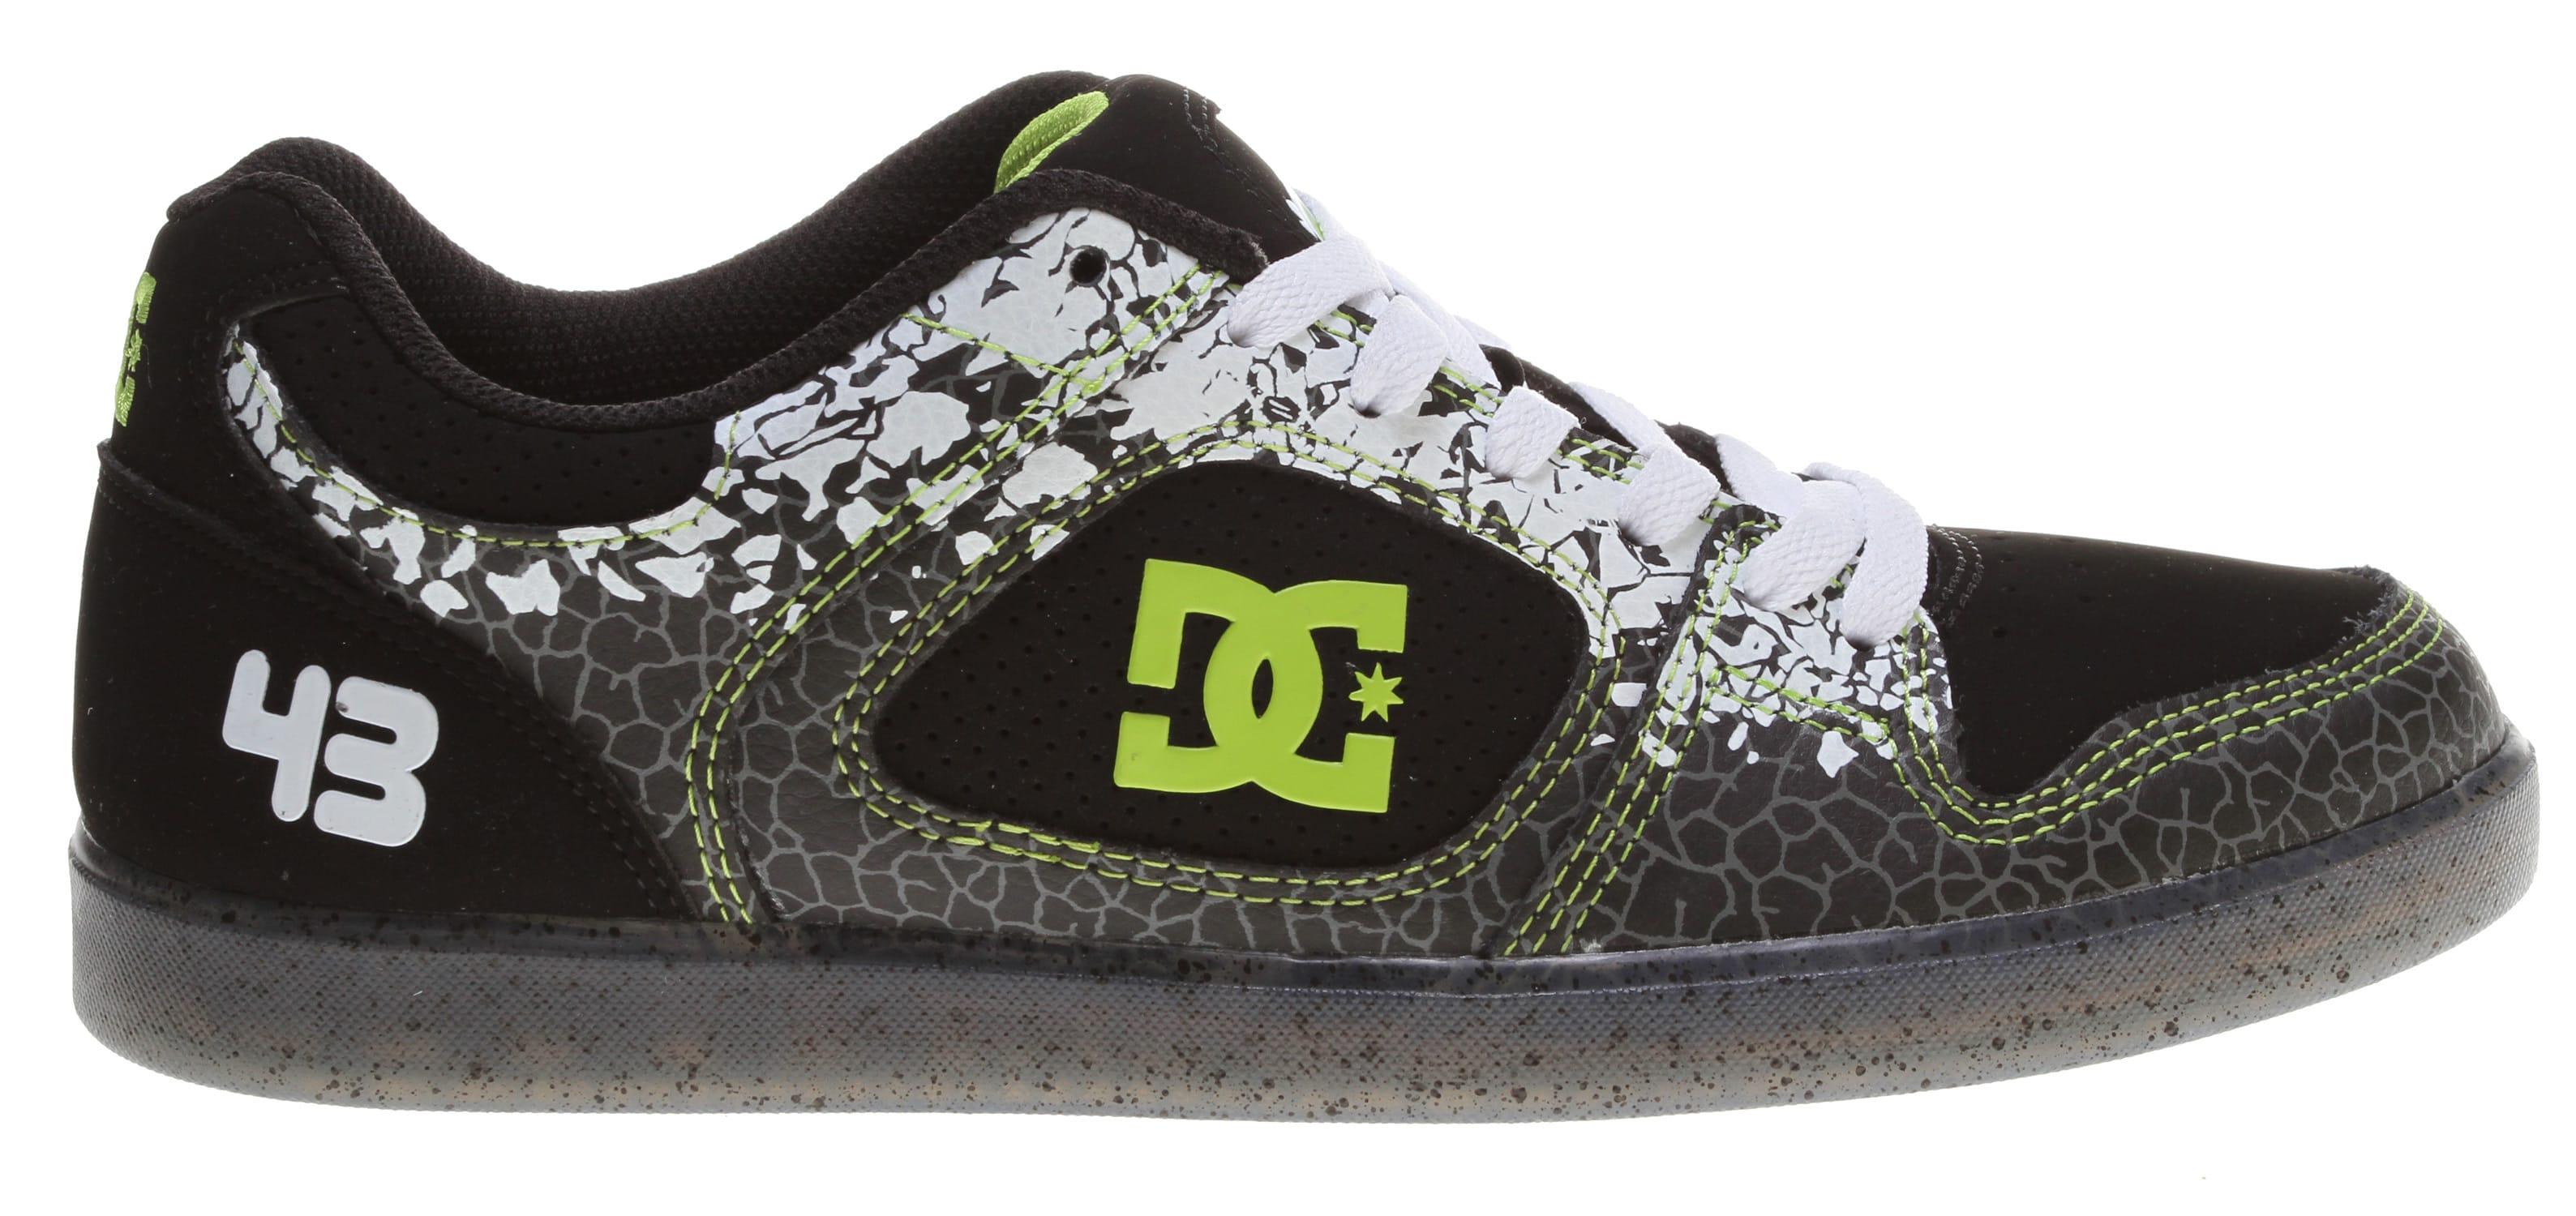 on sale dc ken block union se skate shoes up to 65 off. Black Bedroom Furniture Sets. Home Design Ideas